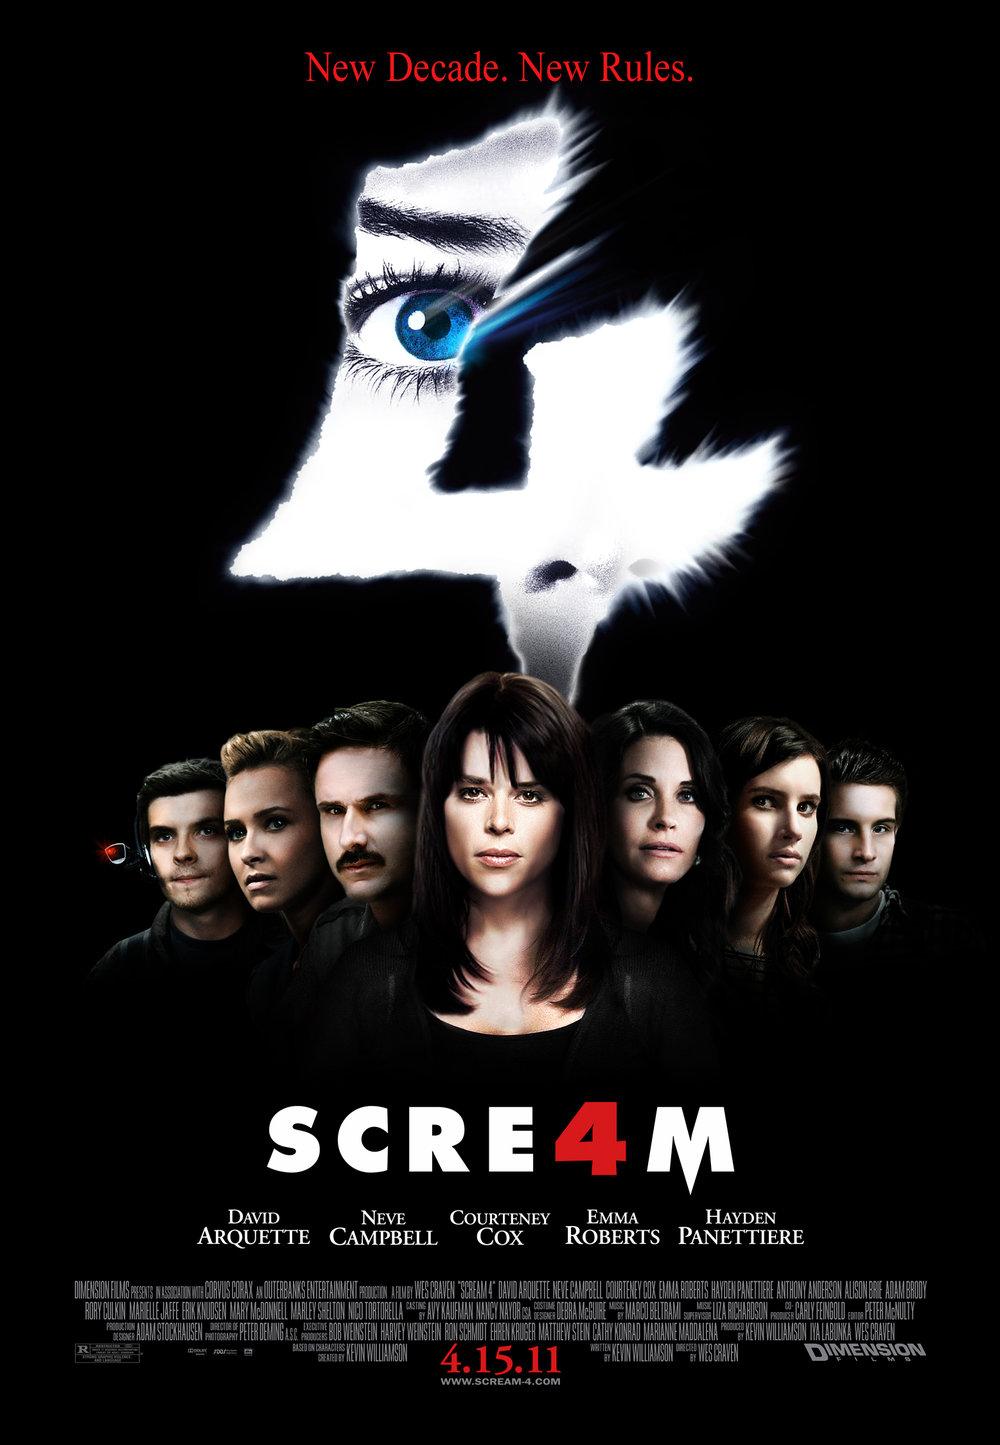 17 - Scream 4